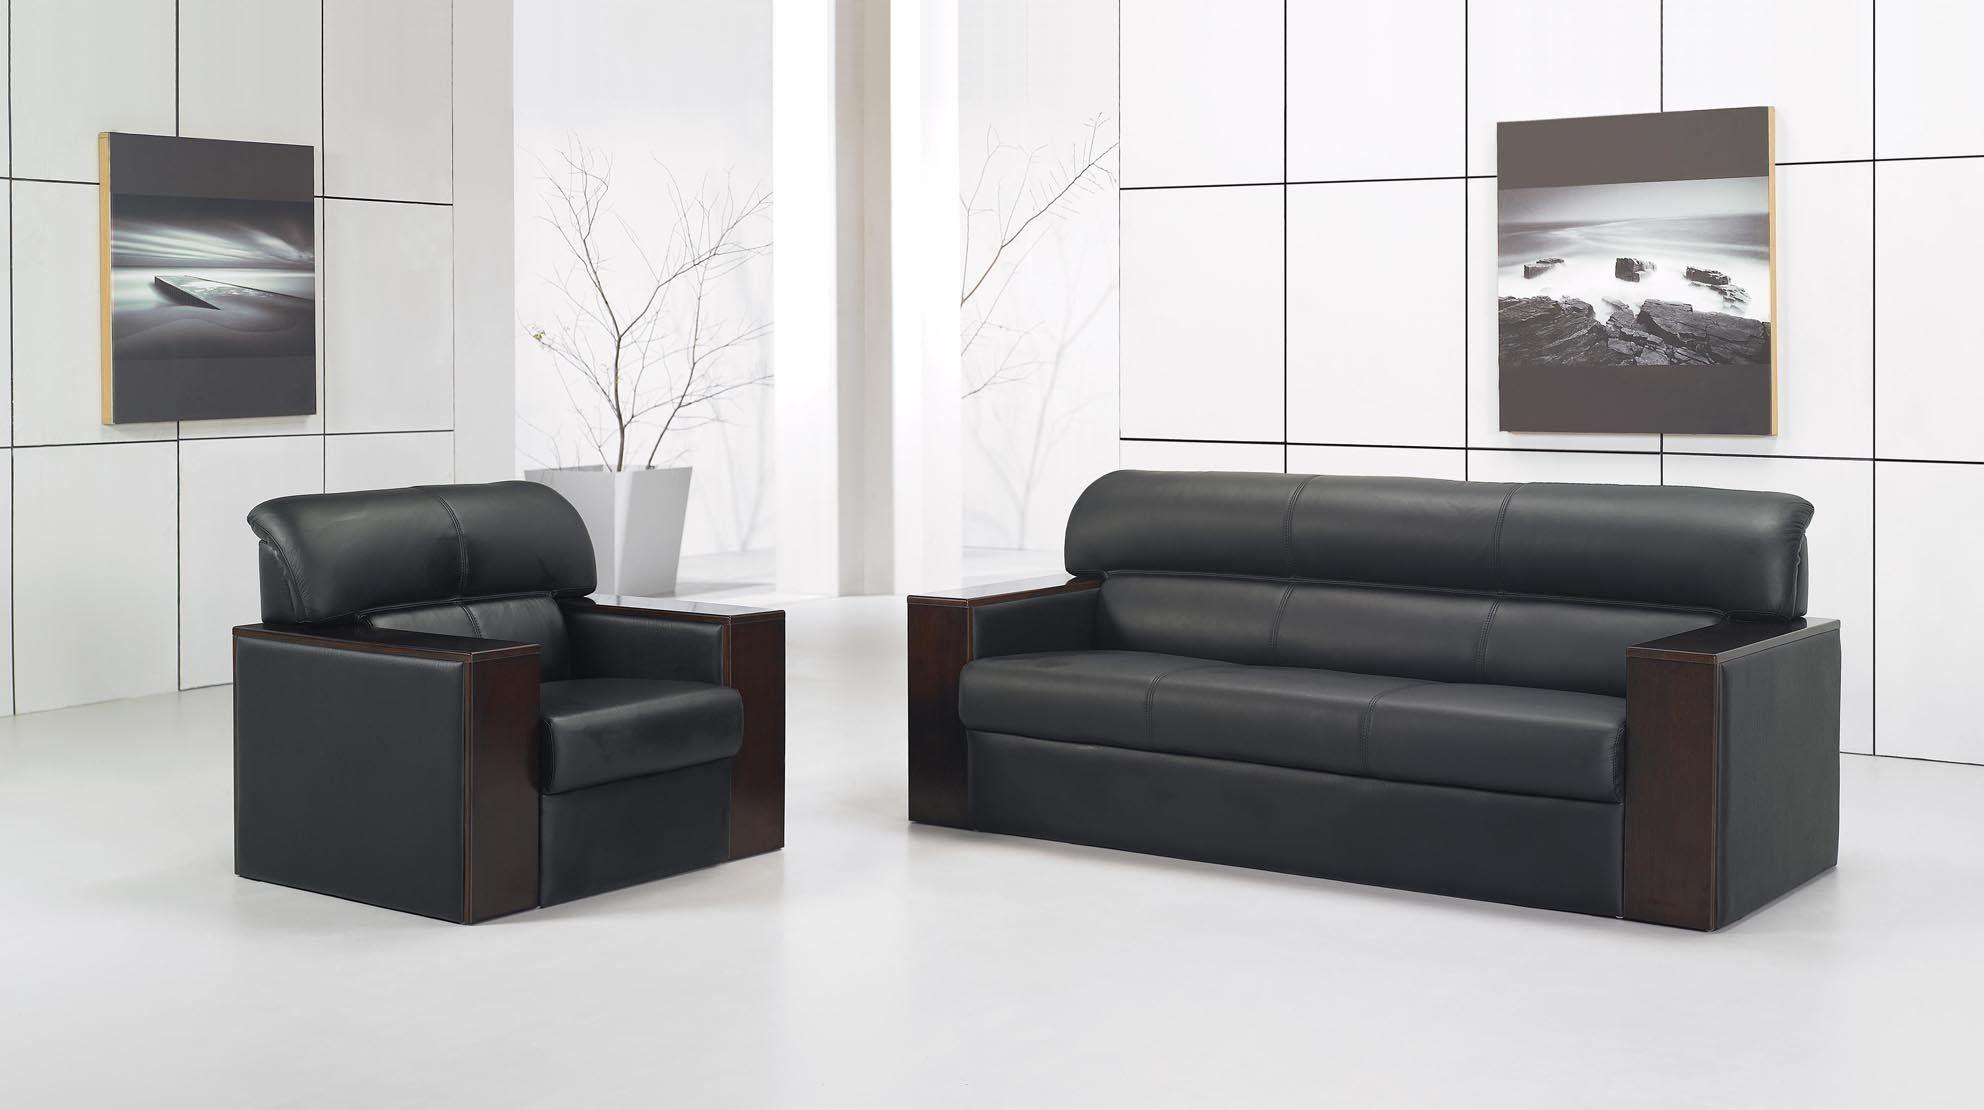 Chọn chất liệu bọc ghế Sofa an toàn cho sức khỏe gia đình bạn